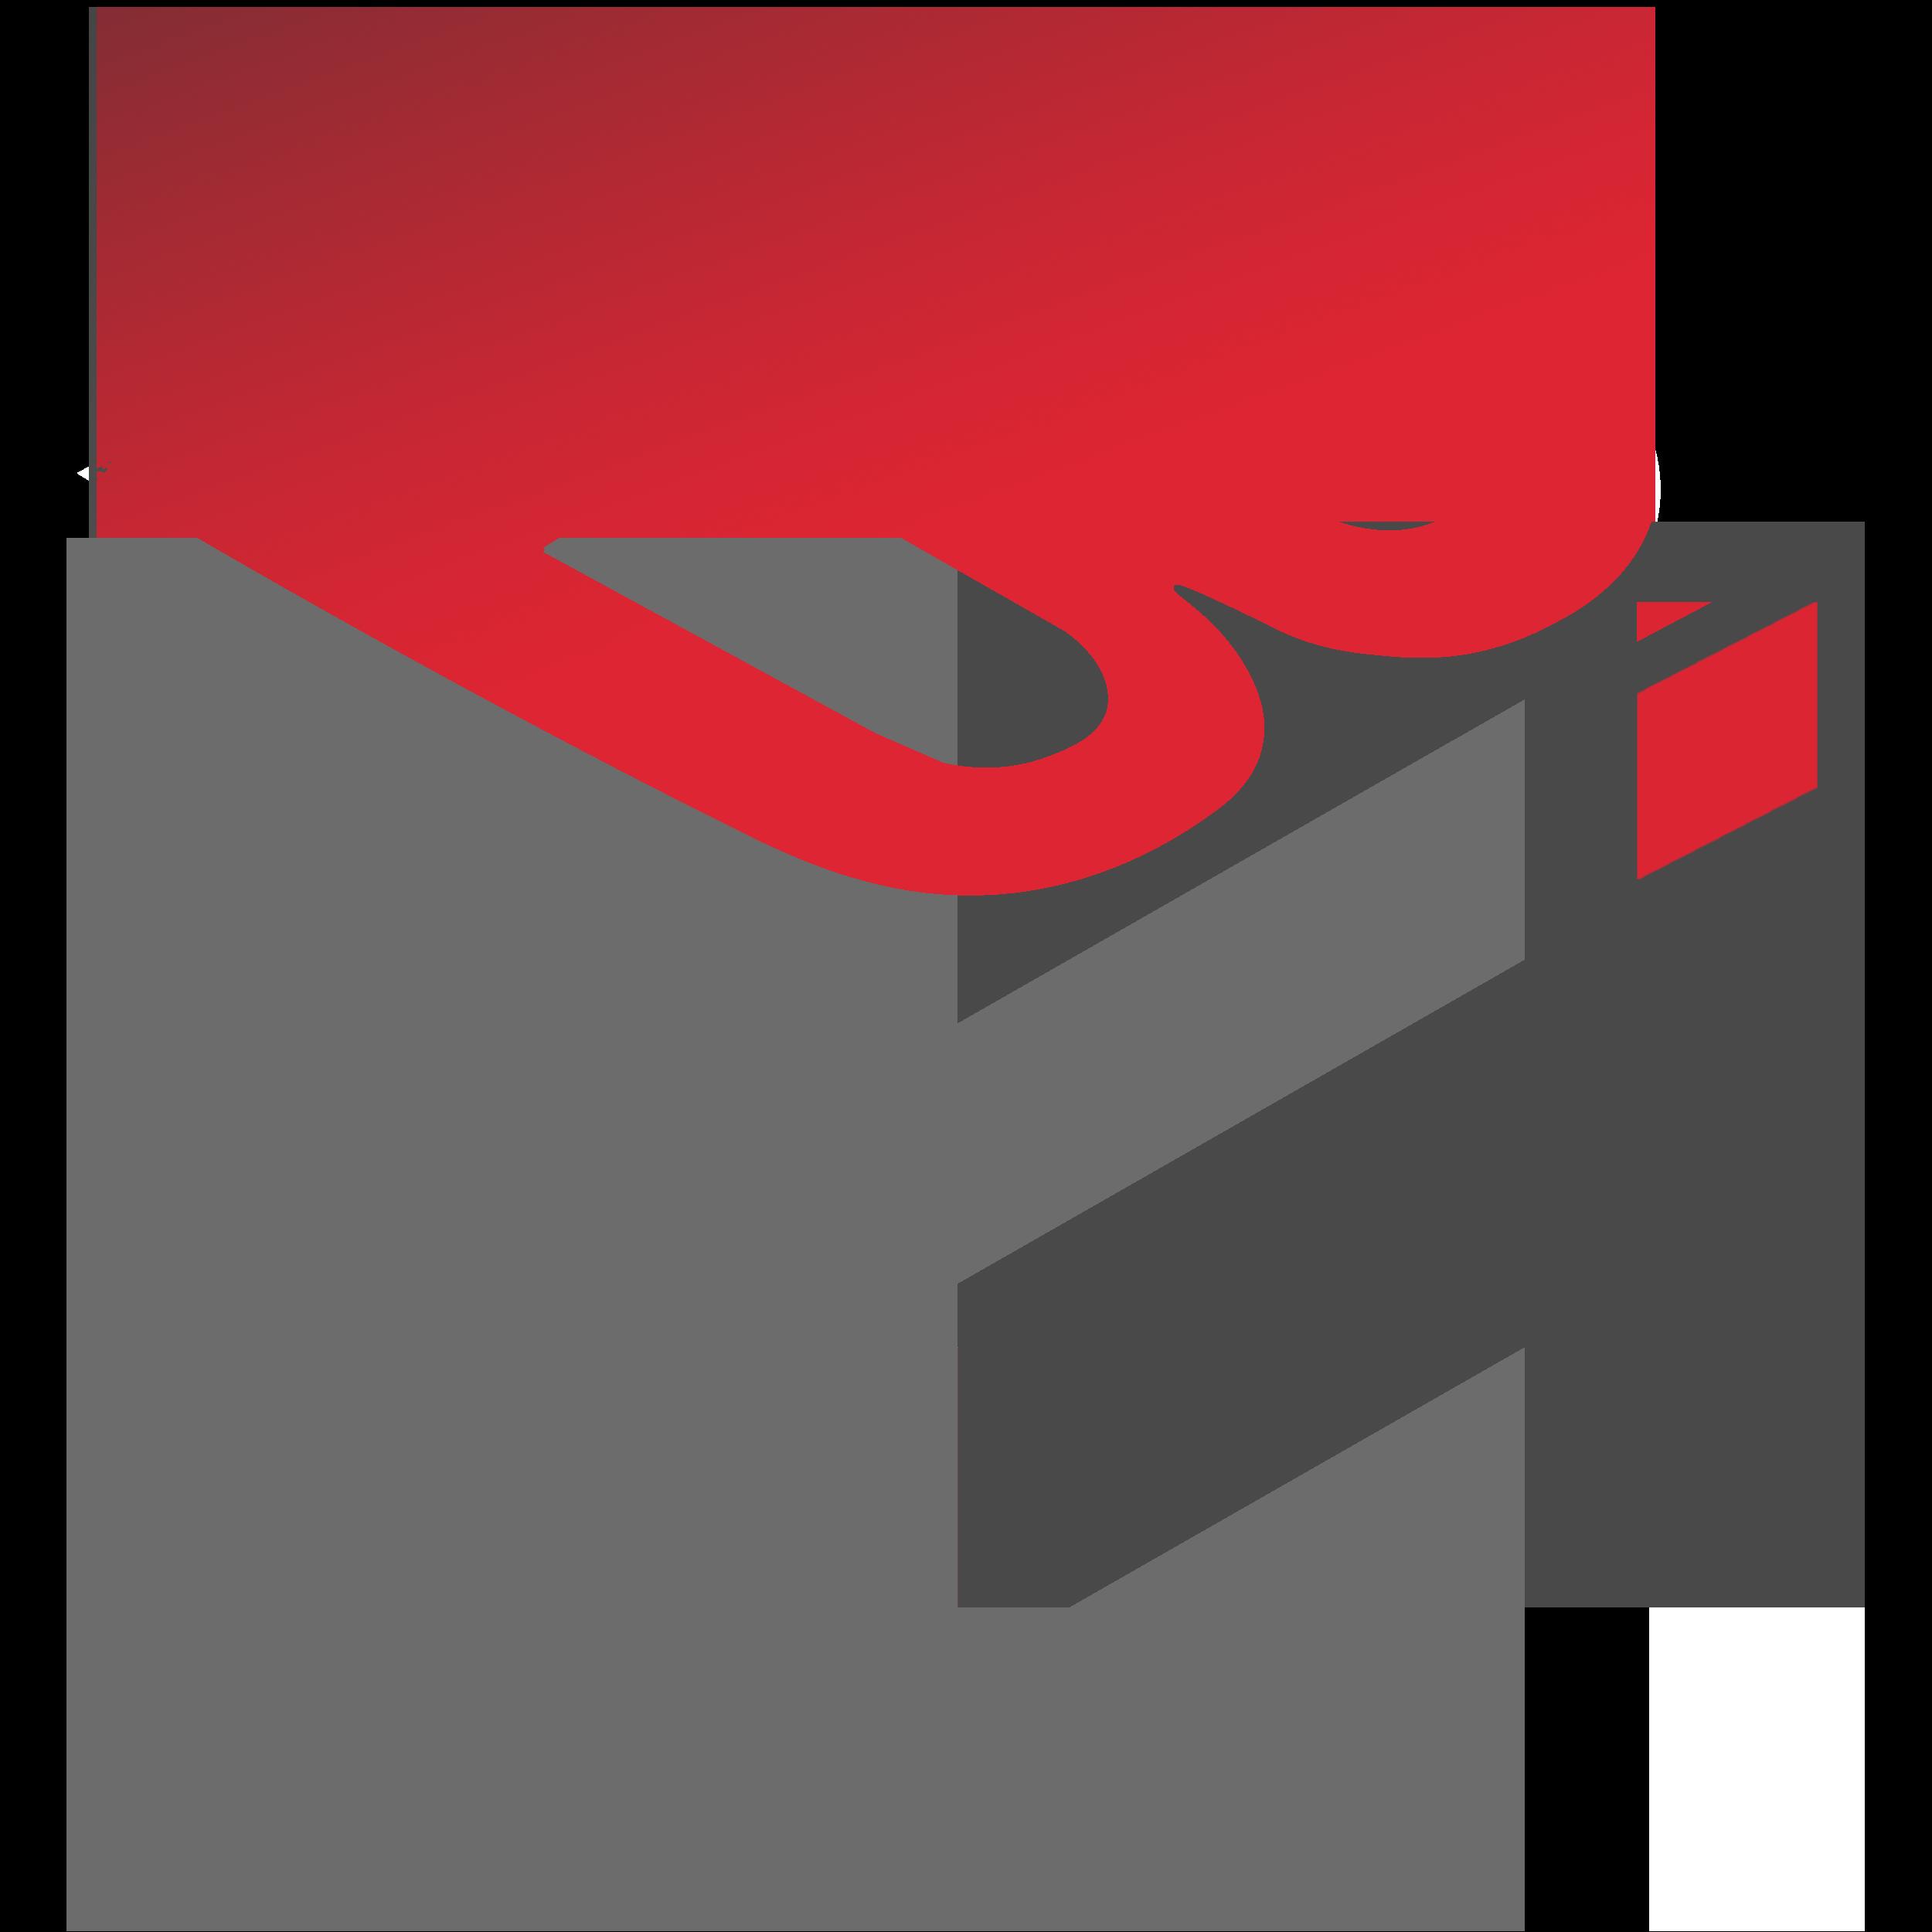 بیت به بیت | فروشگاه اینترنتی تخصصی تجهیزات شبکه سیسکو